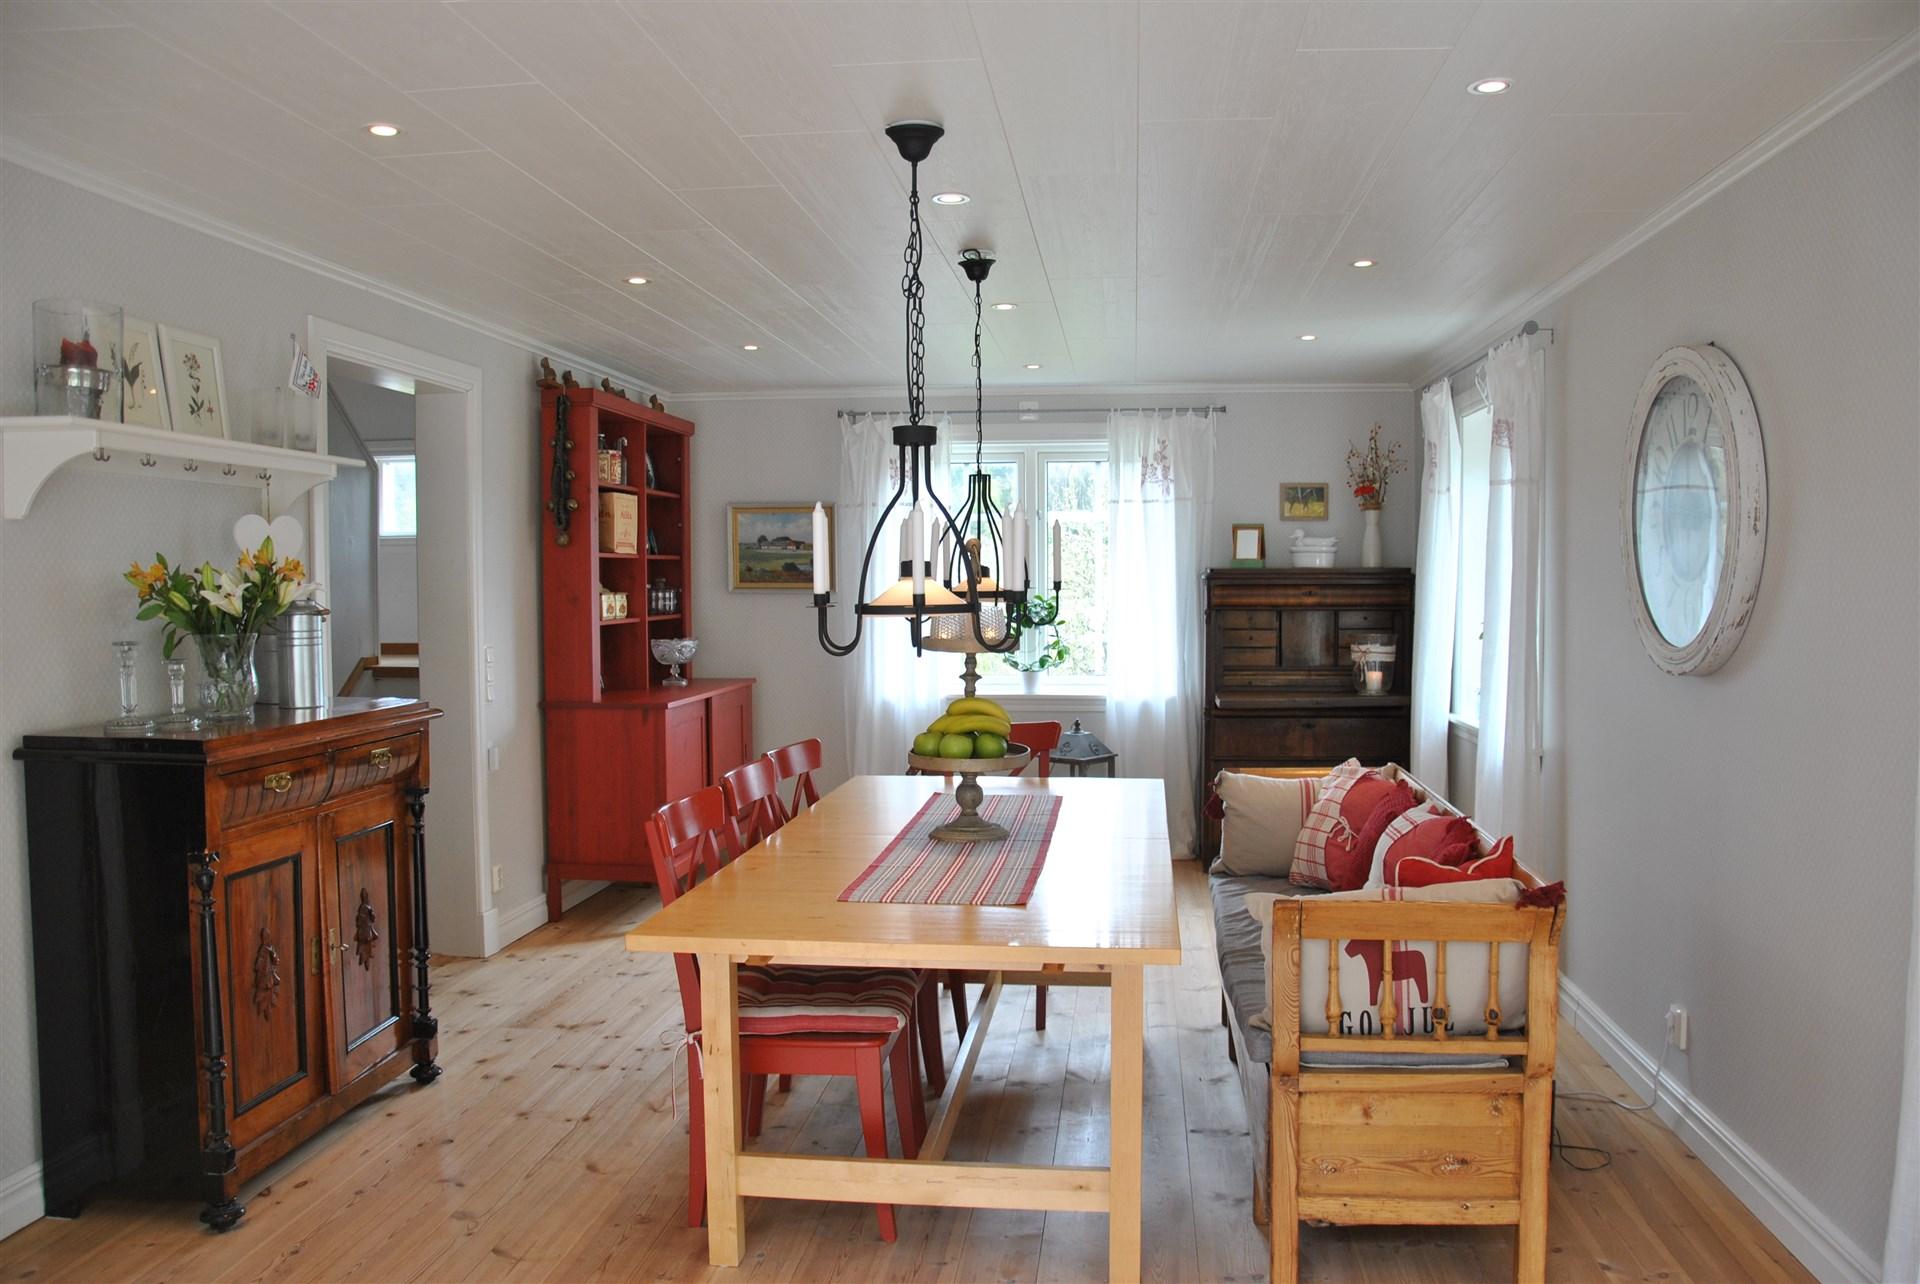 Vardagsrum/matsal - härligt ljus, trägolv (golvvärme) och höga golvlister